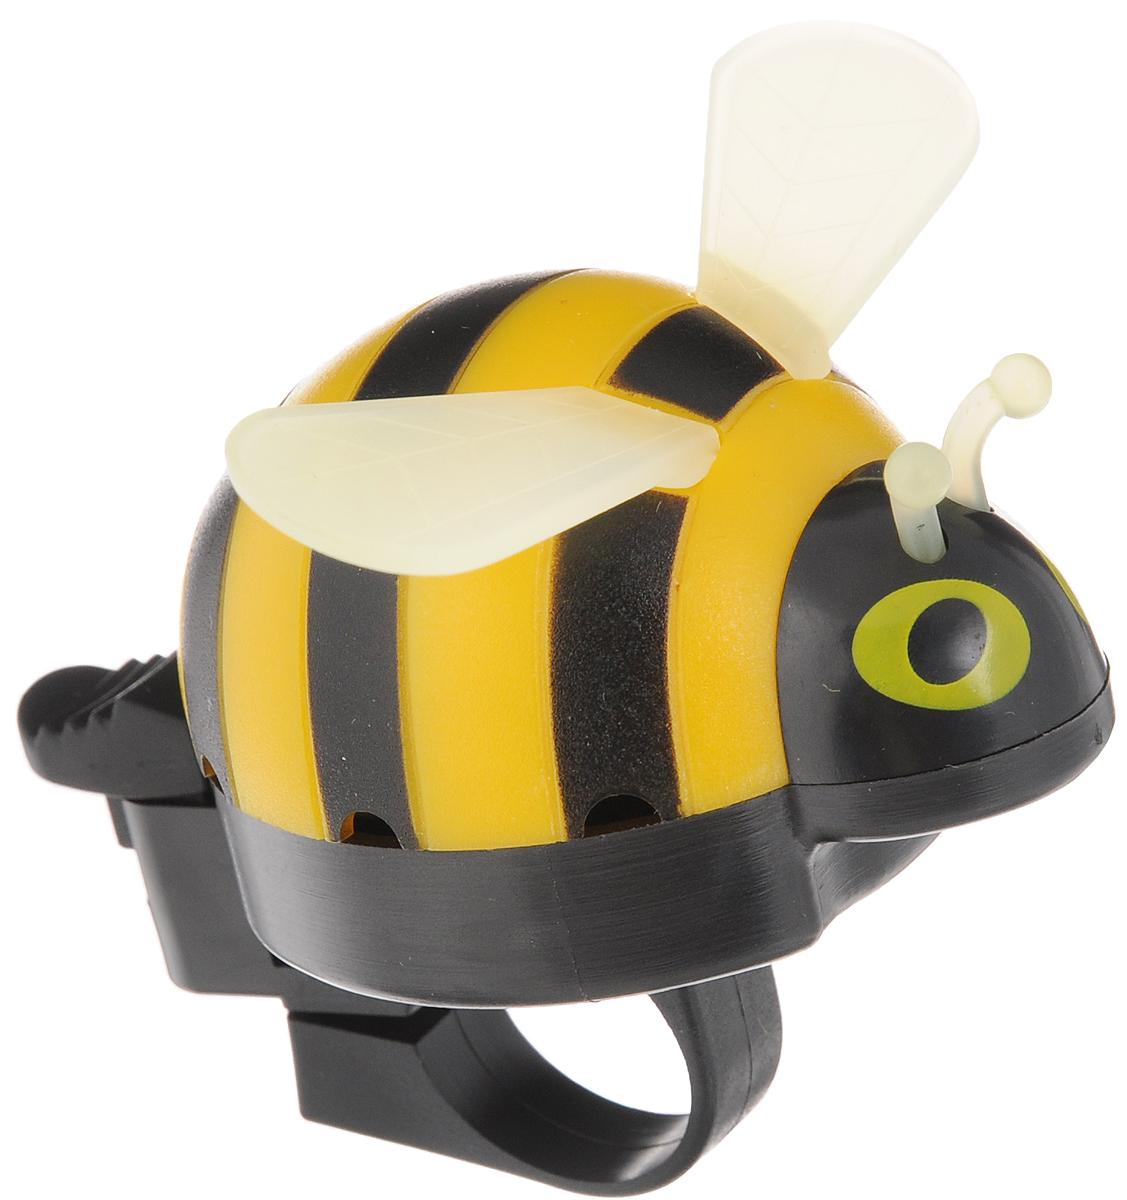 Звонок велосипедный Odinn Пчела, цвет: желтый, черный